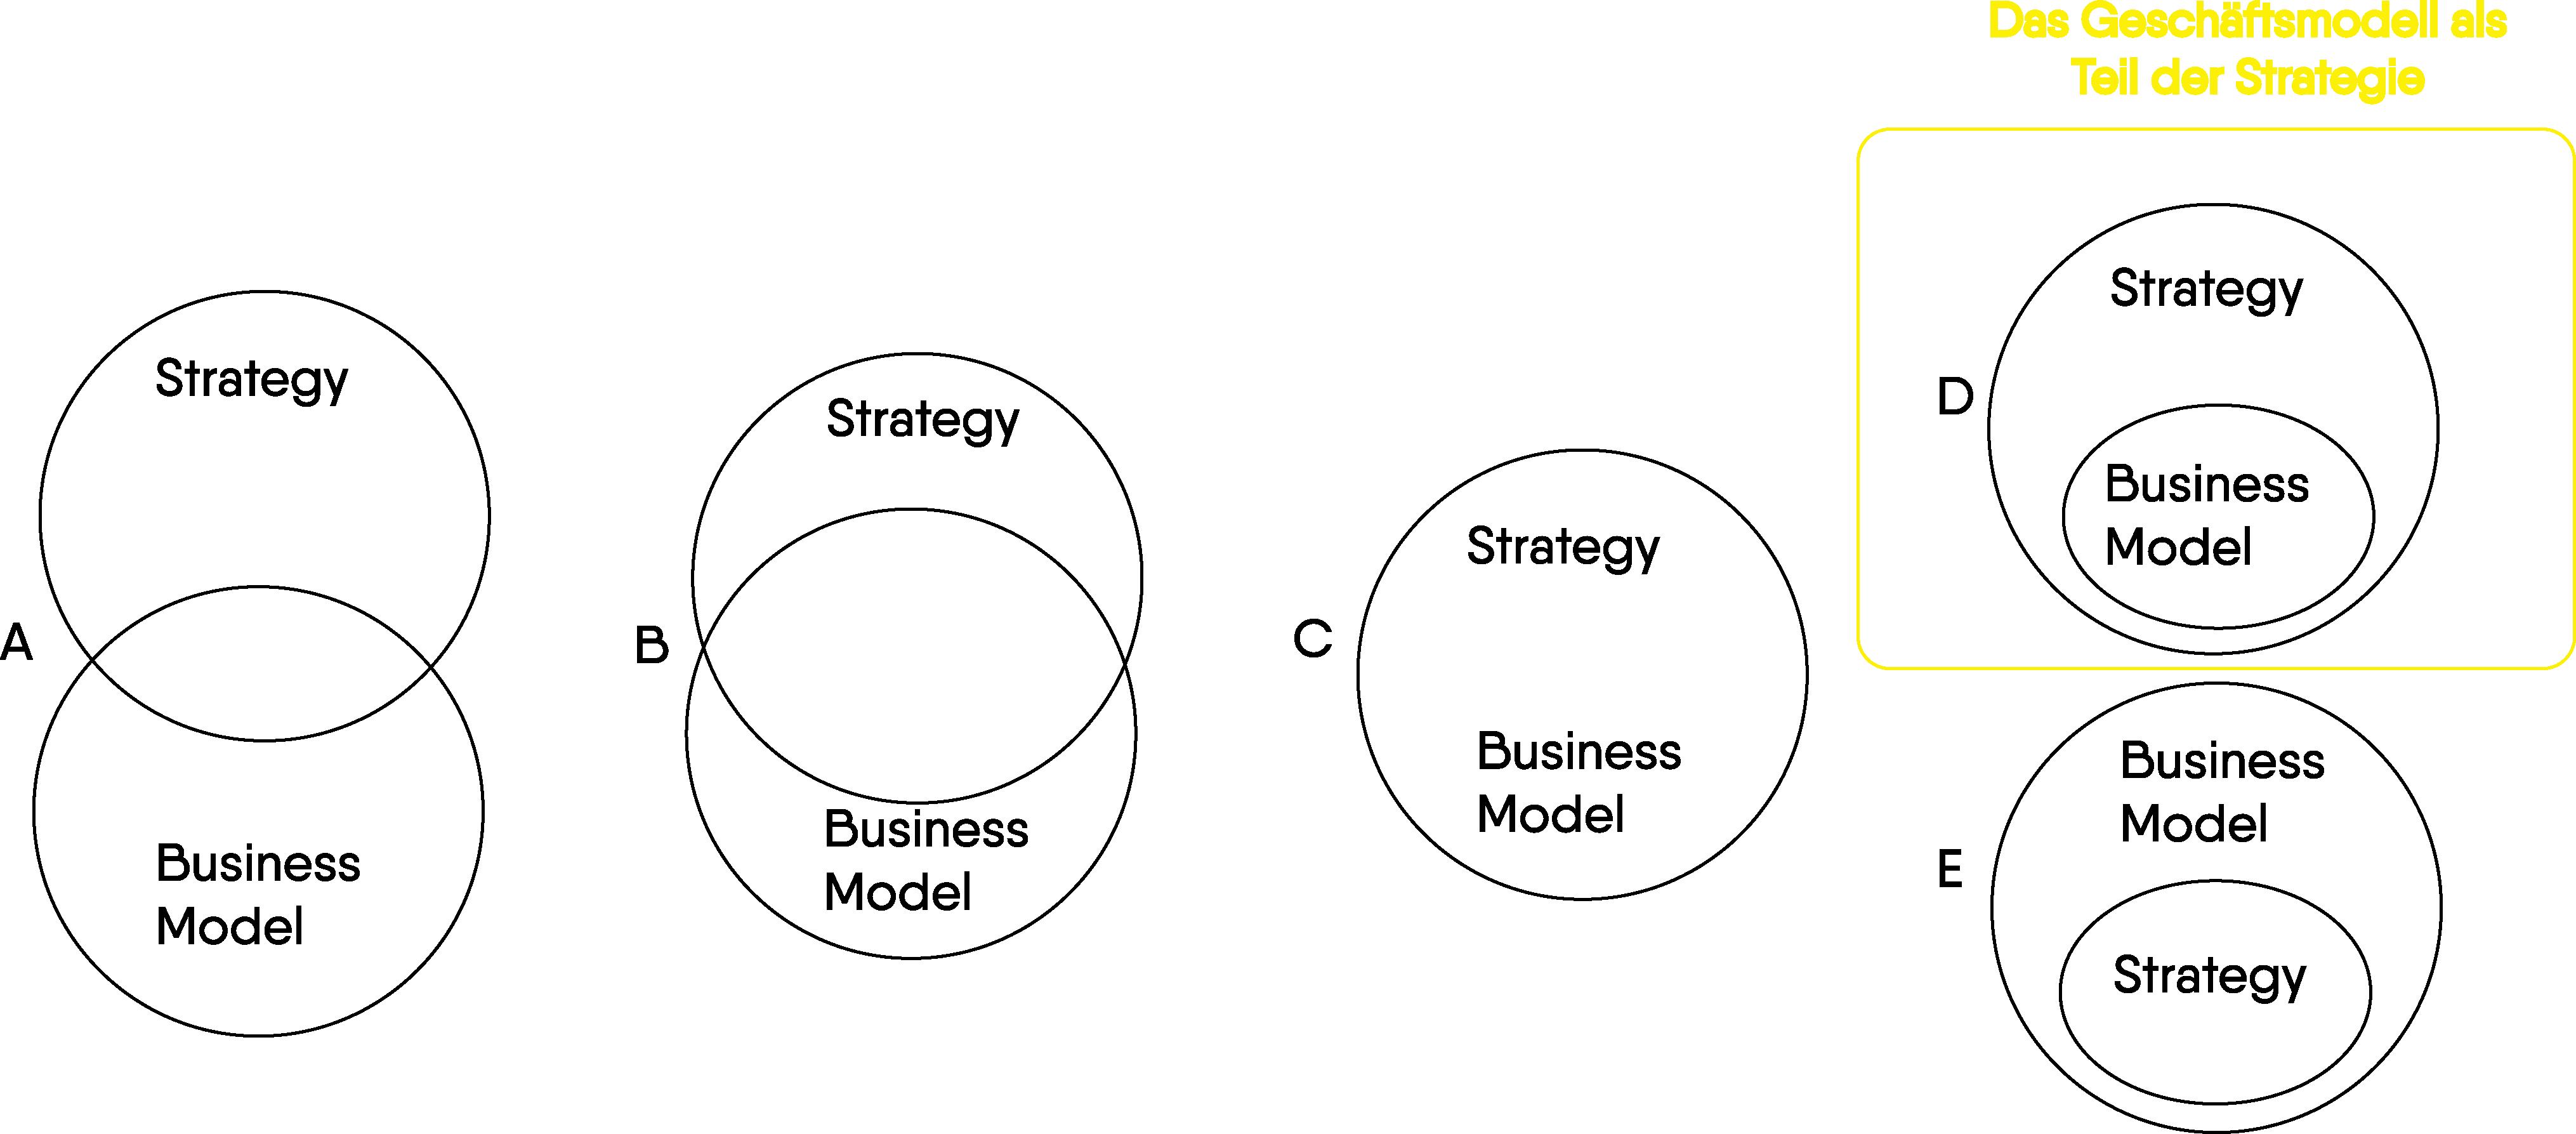 Das Business-Modell als Teil der Strategie. Eigene Darstellung, basierend auf Seddon, 2004, S. 428